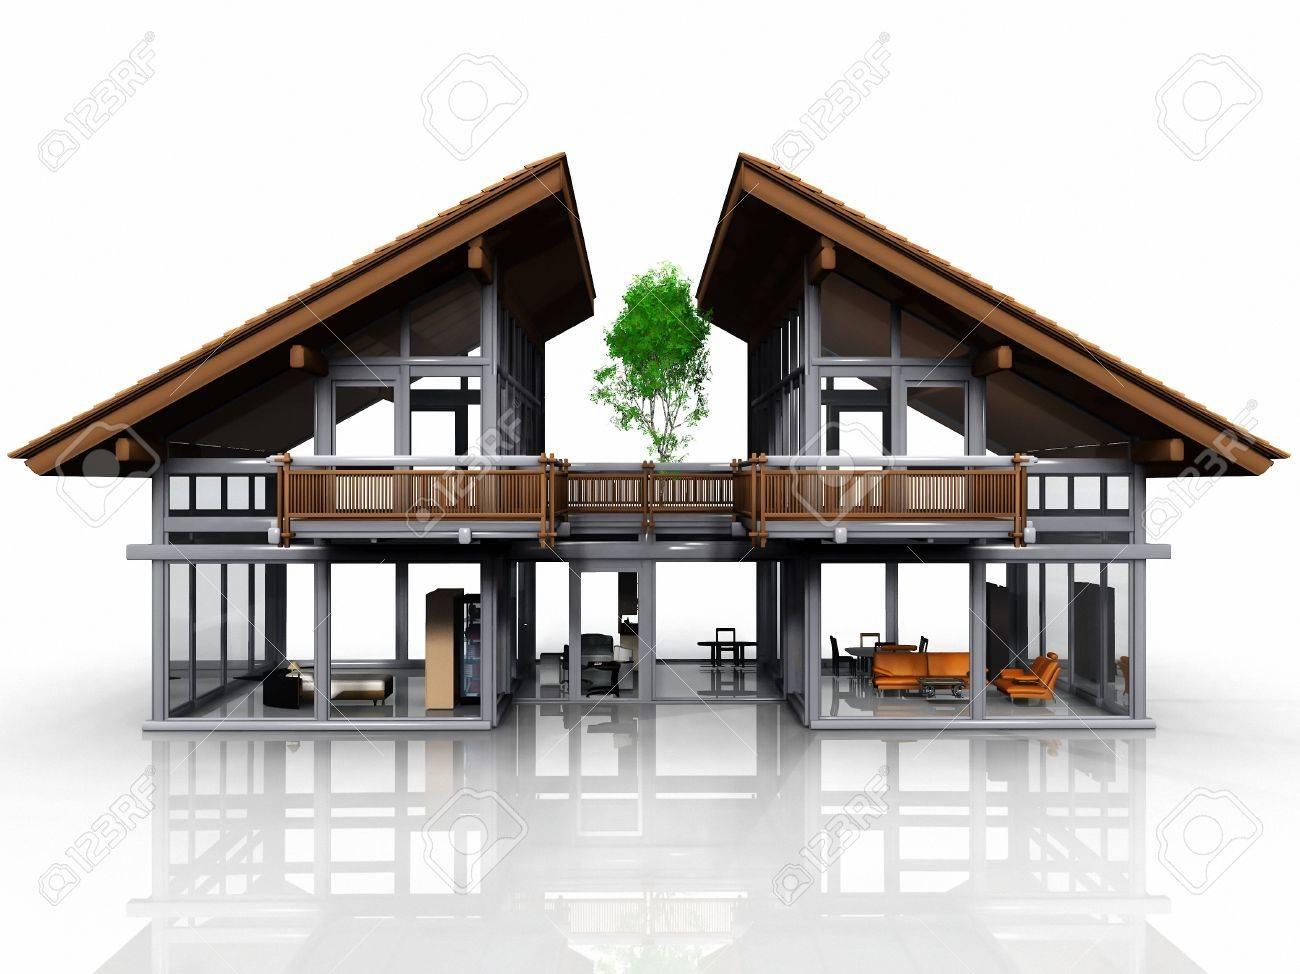 Eine Sehr Schöne Und Design-Haus Lizenzfreie Fotos, Bilder Und Stock ...